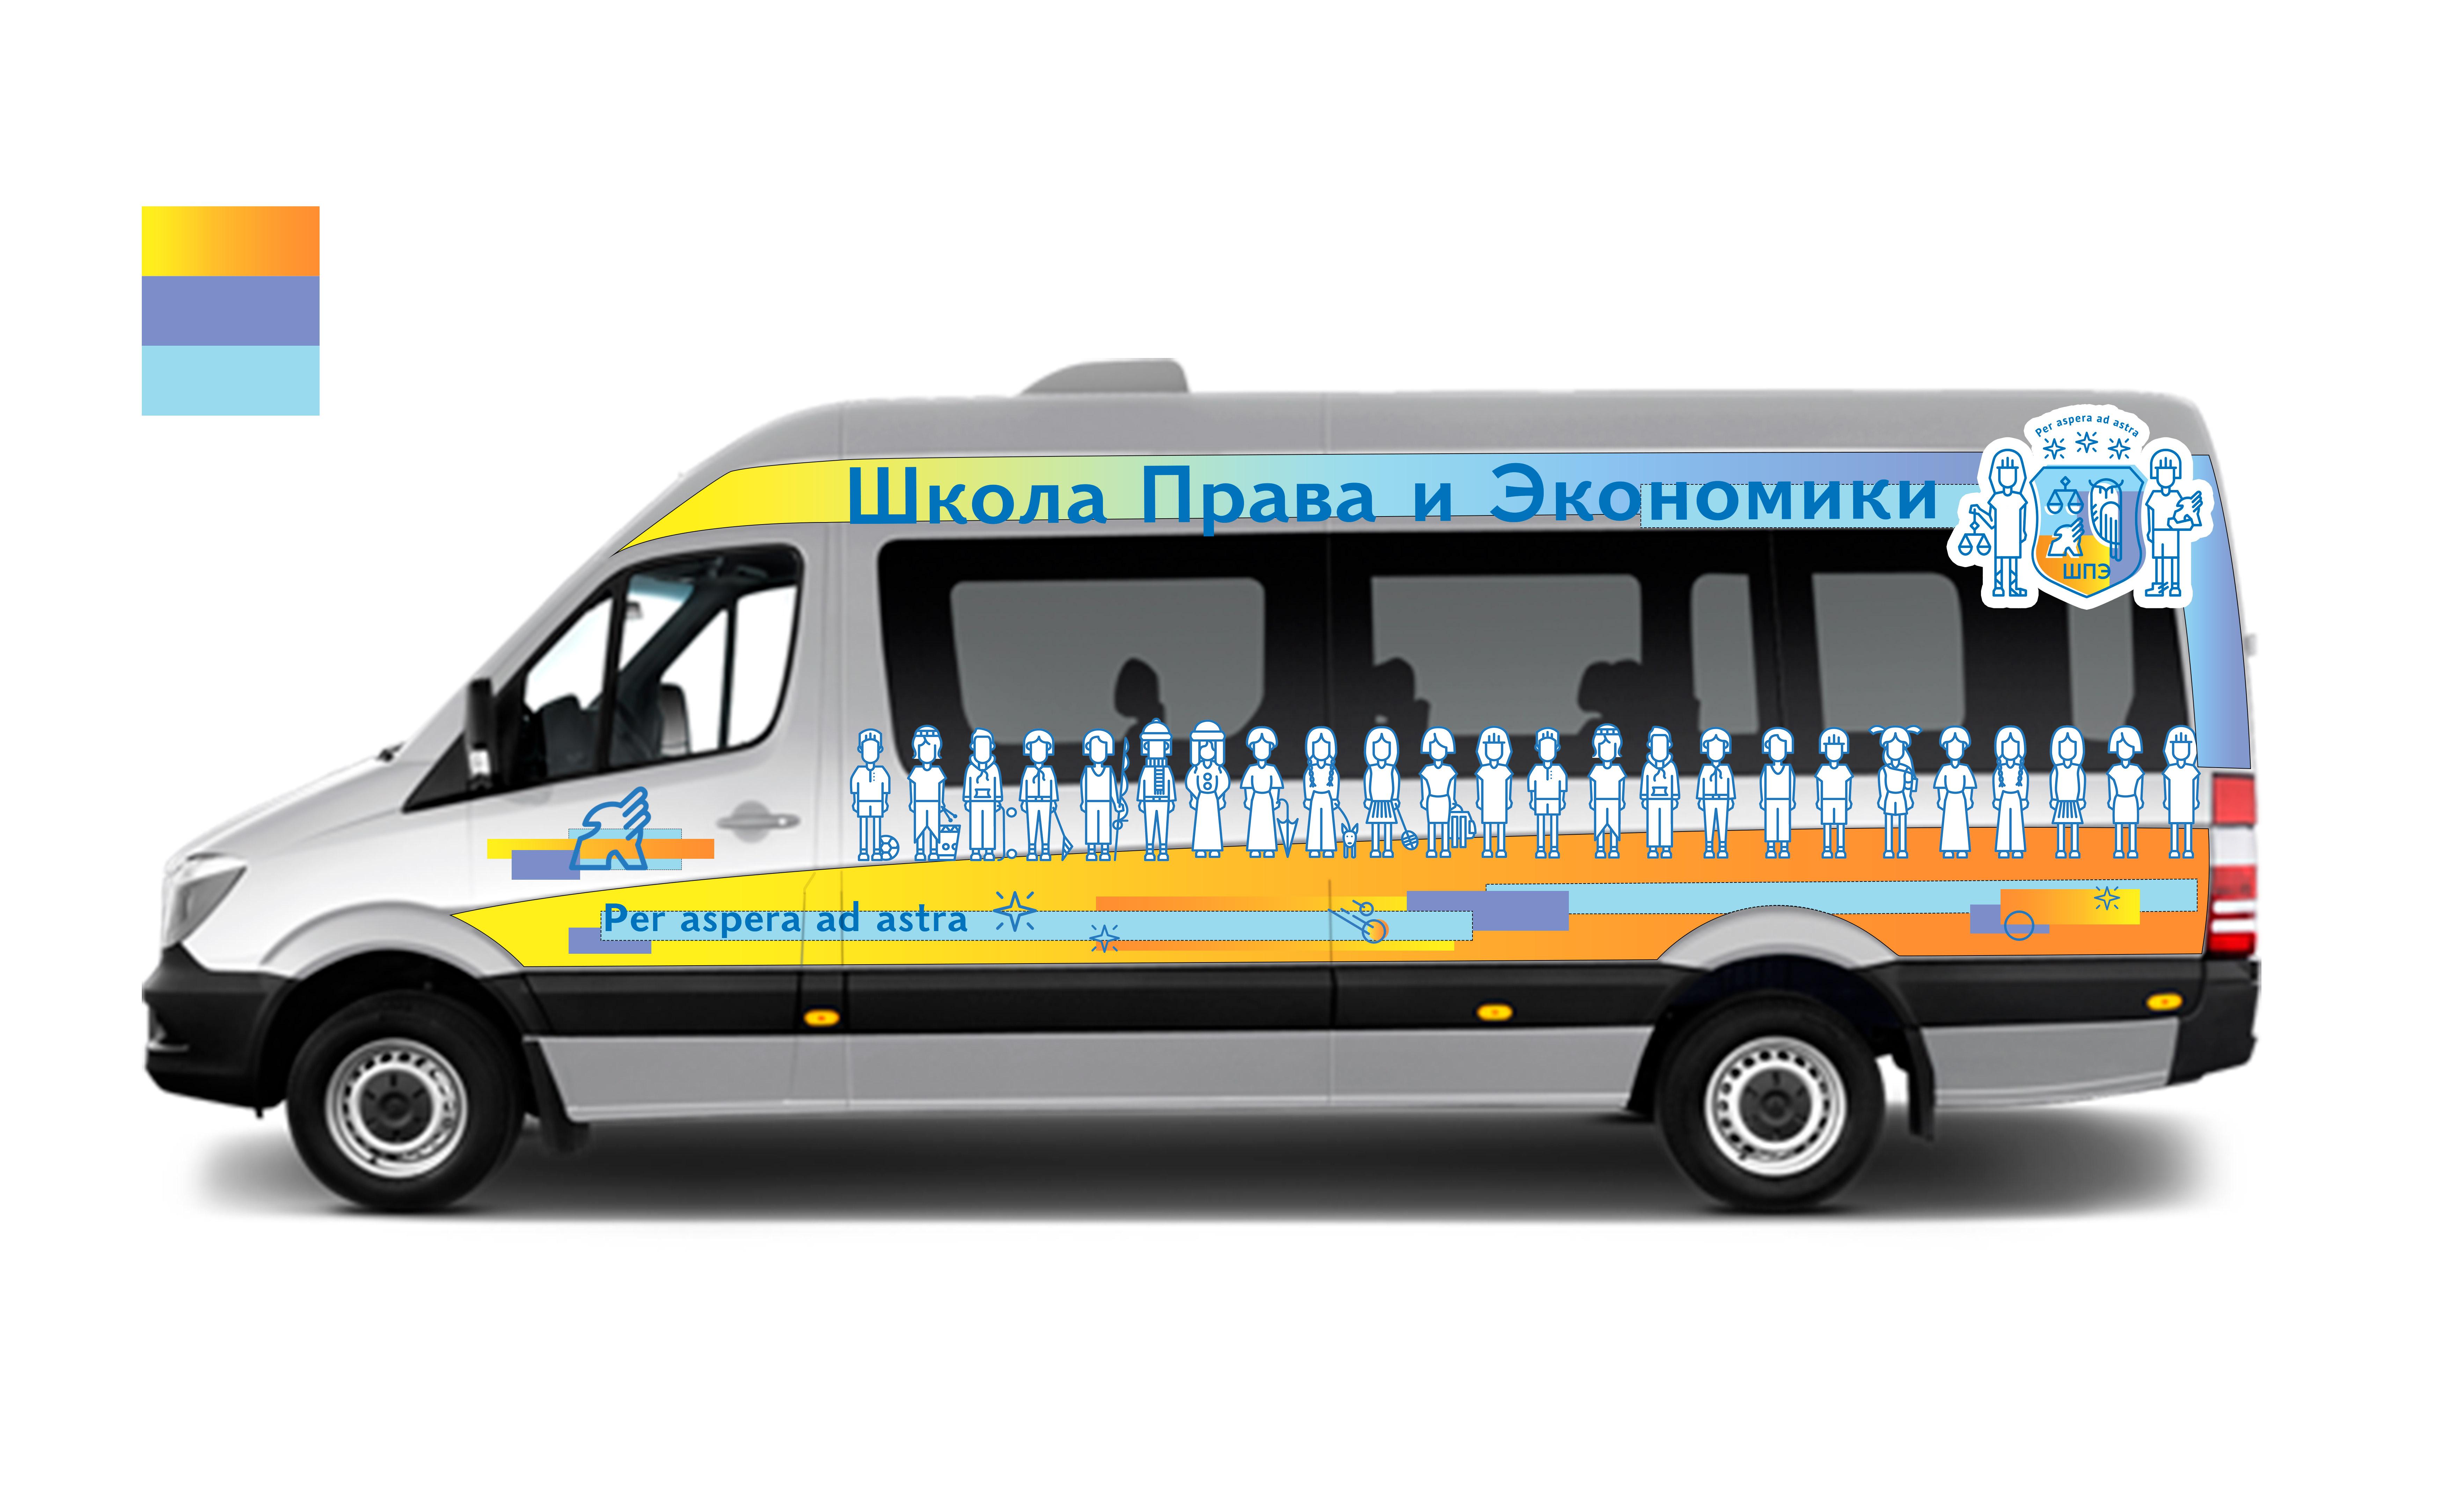 Дизайн оклейки школьного автобуса фото f_1835d0176825dd20.jpg